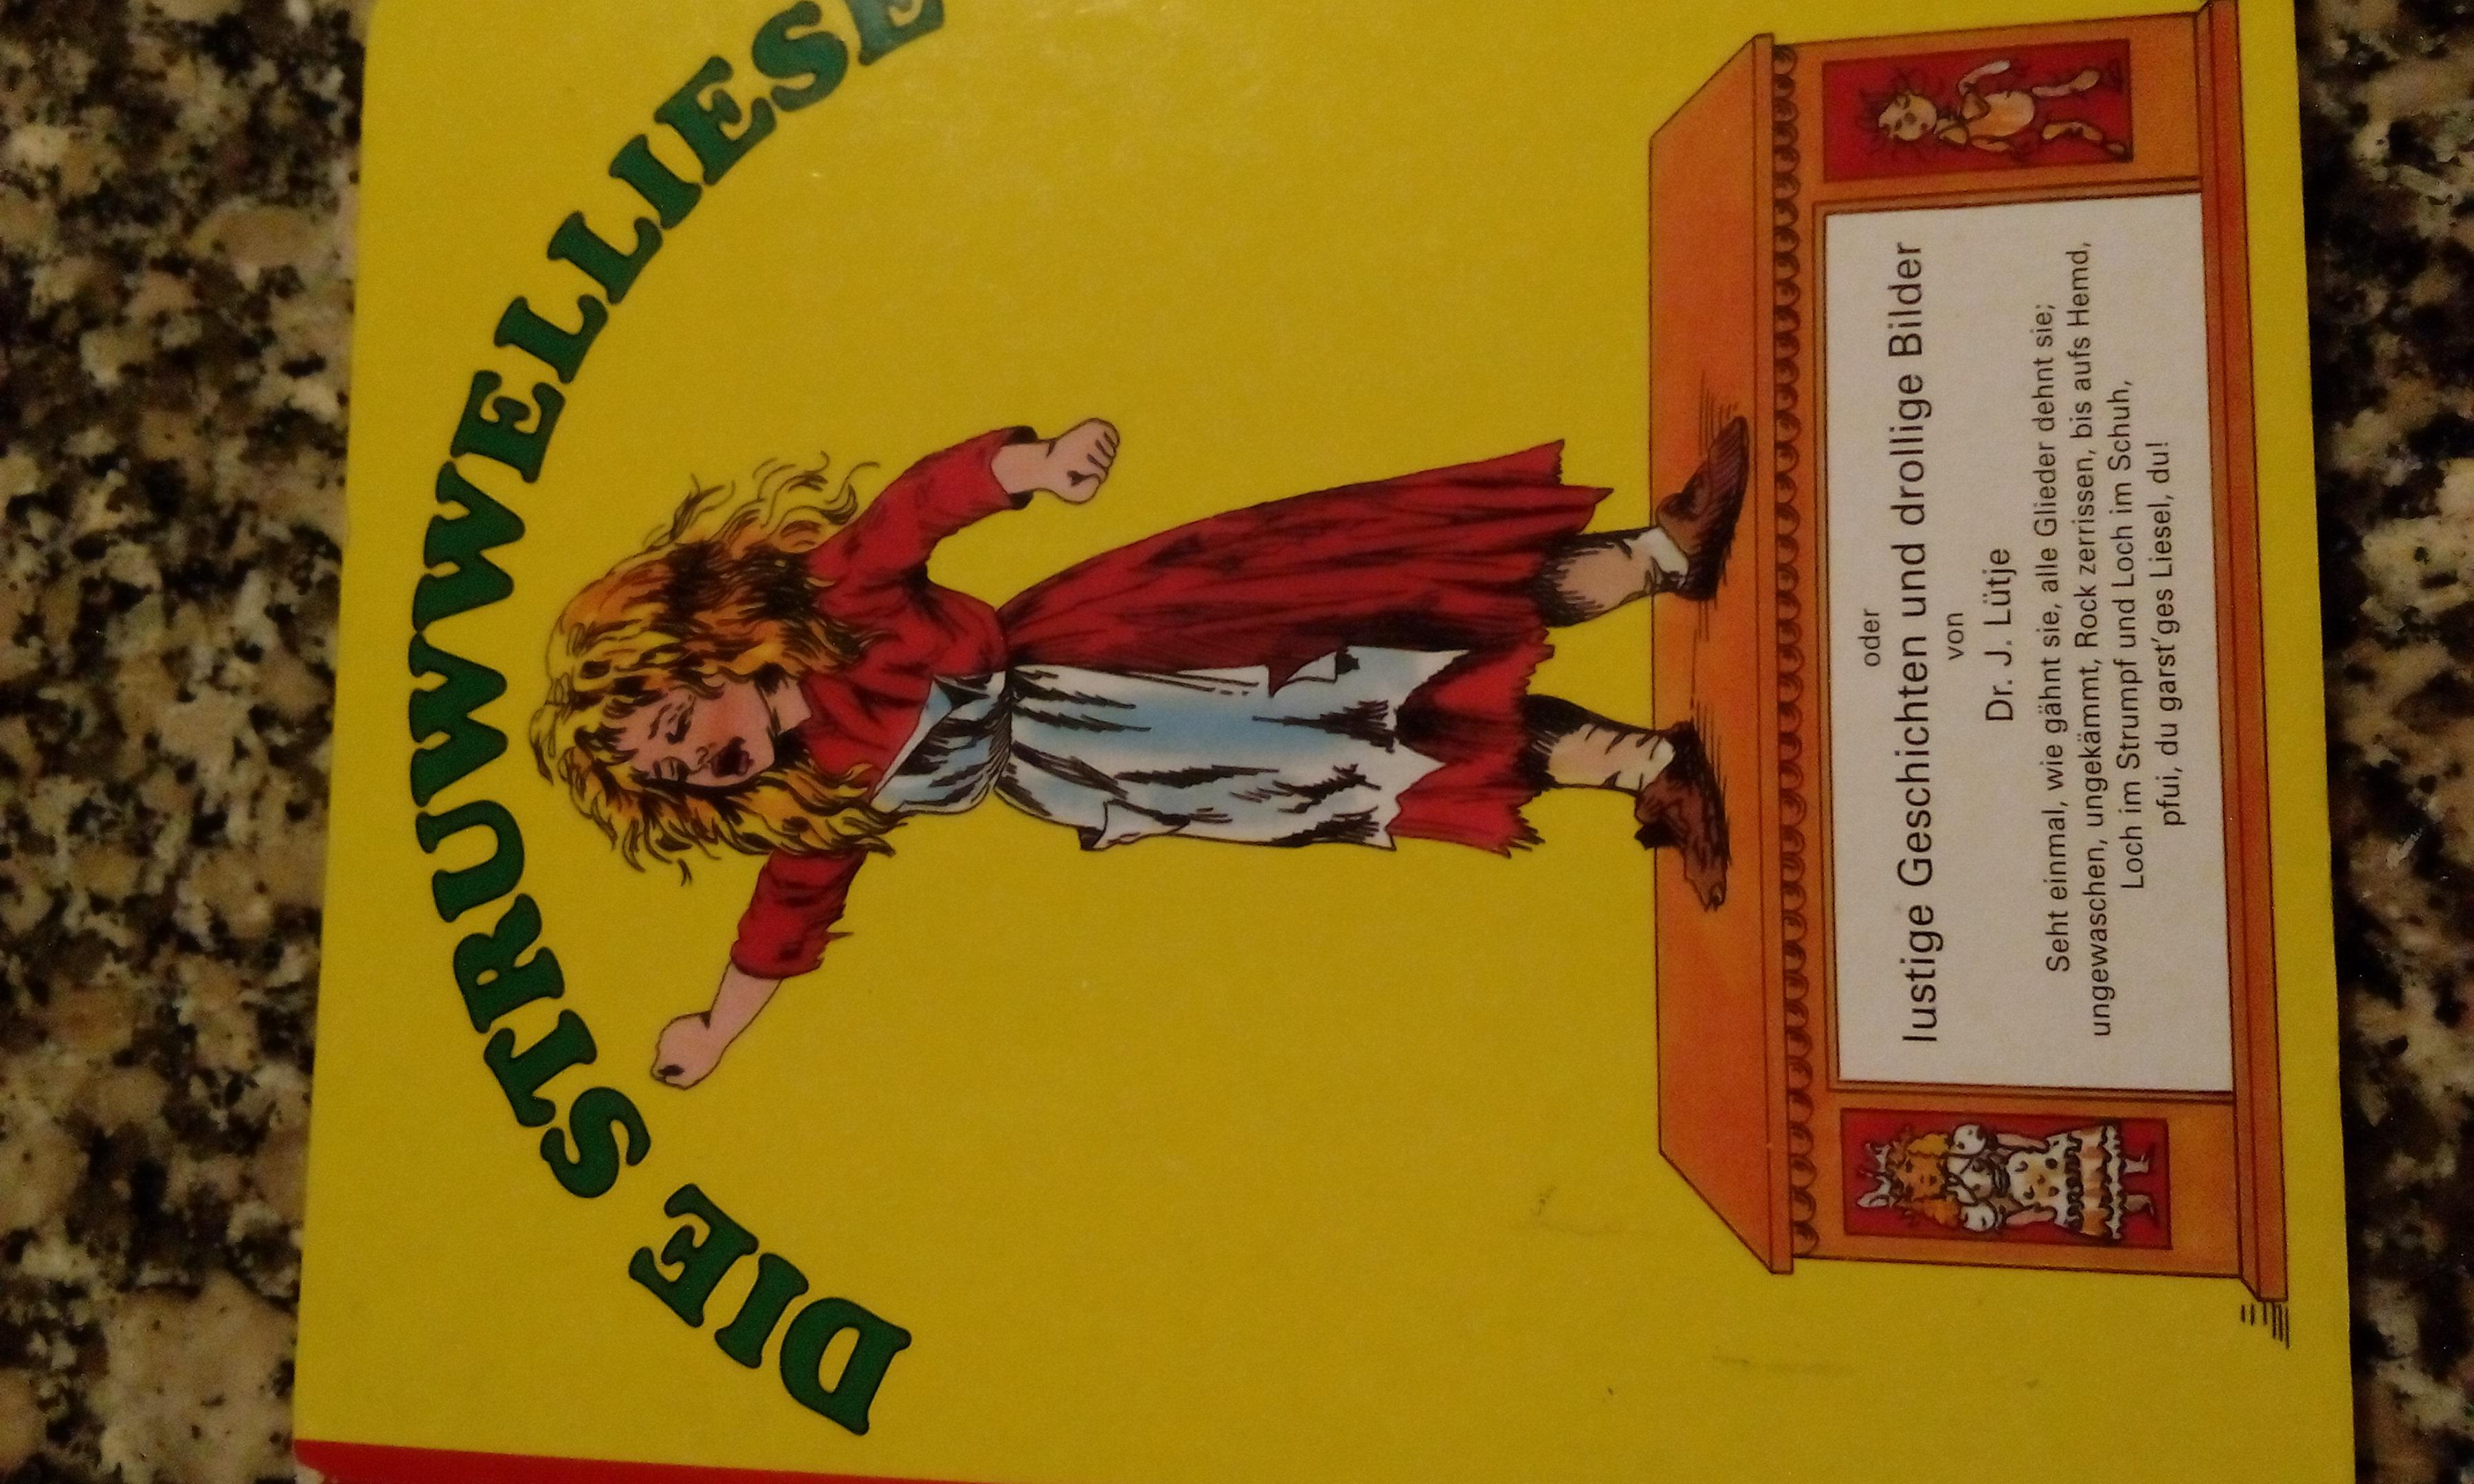 Buch Die Struwwelliese tauschen